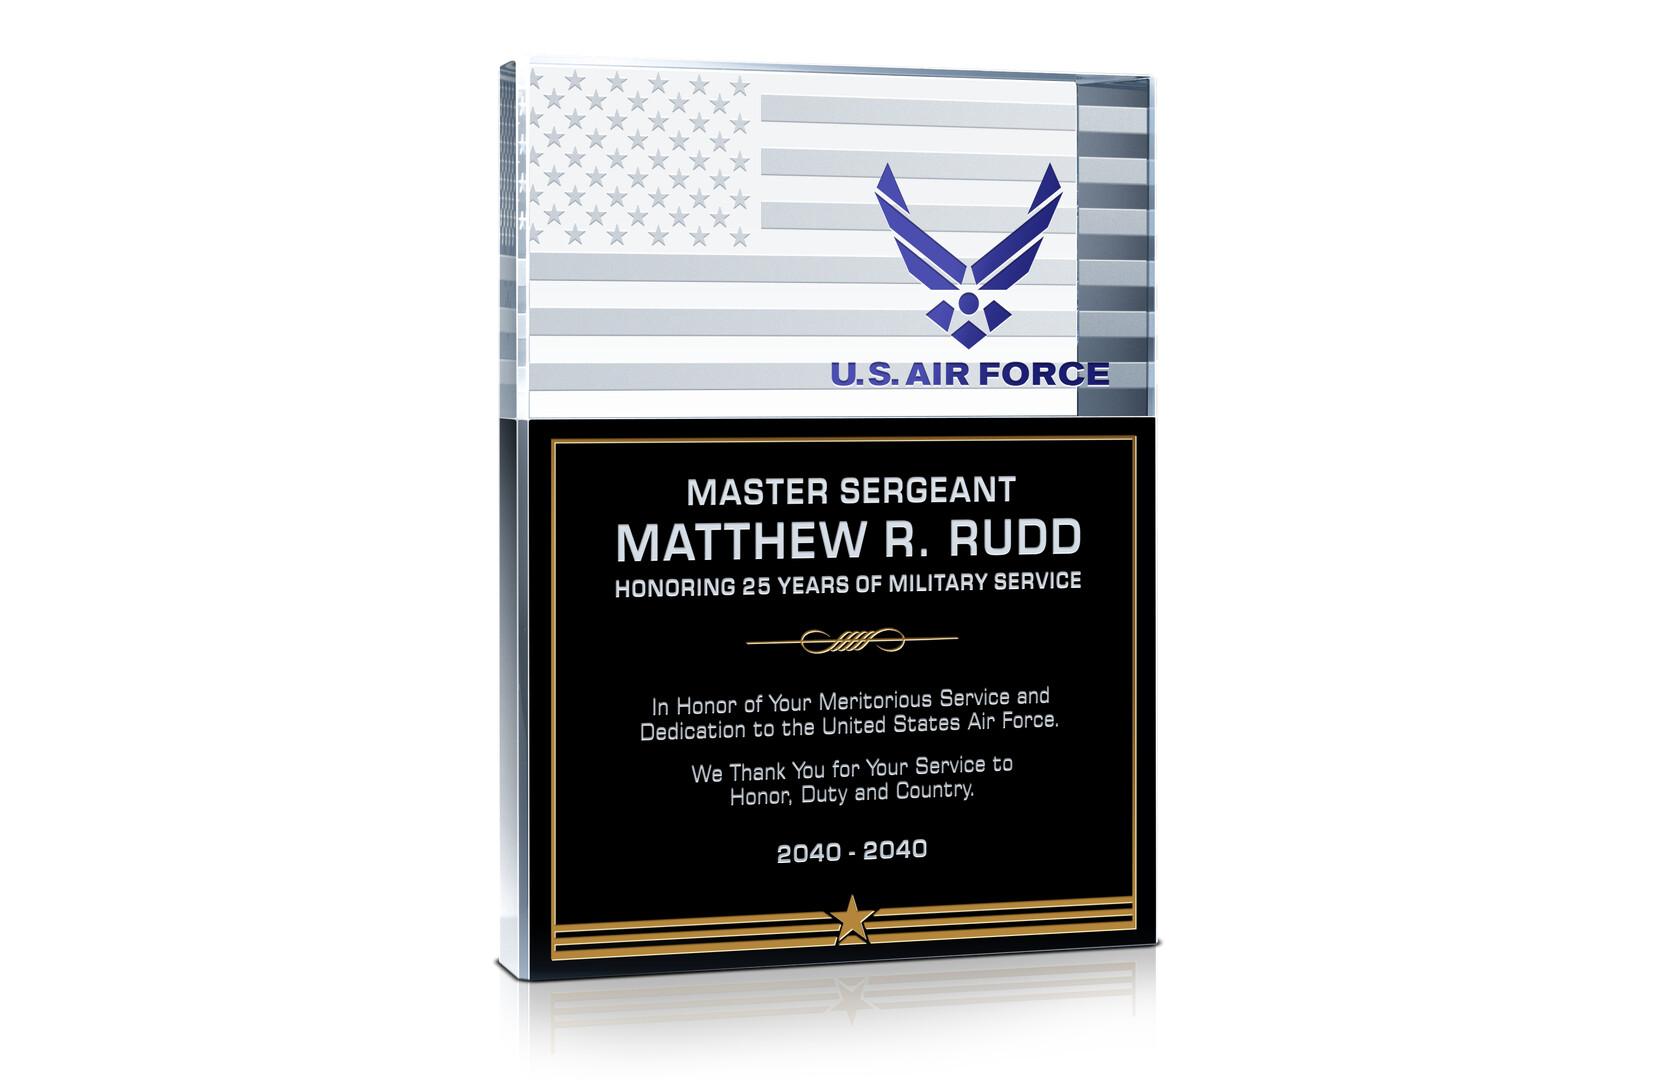 Air Force Service Plaque